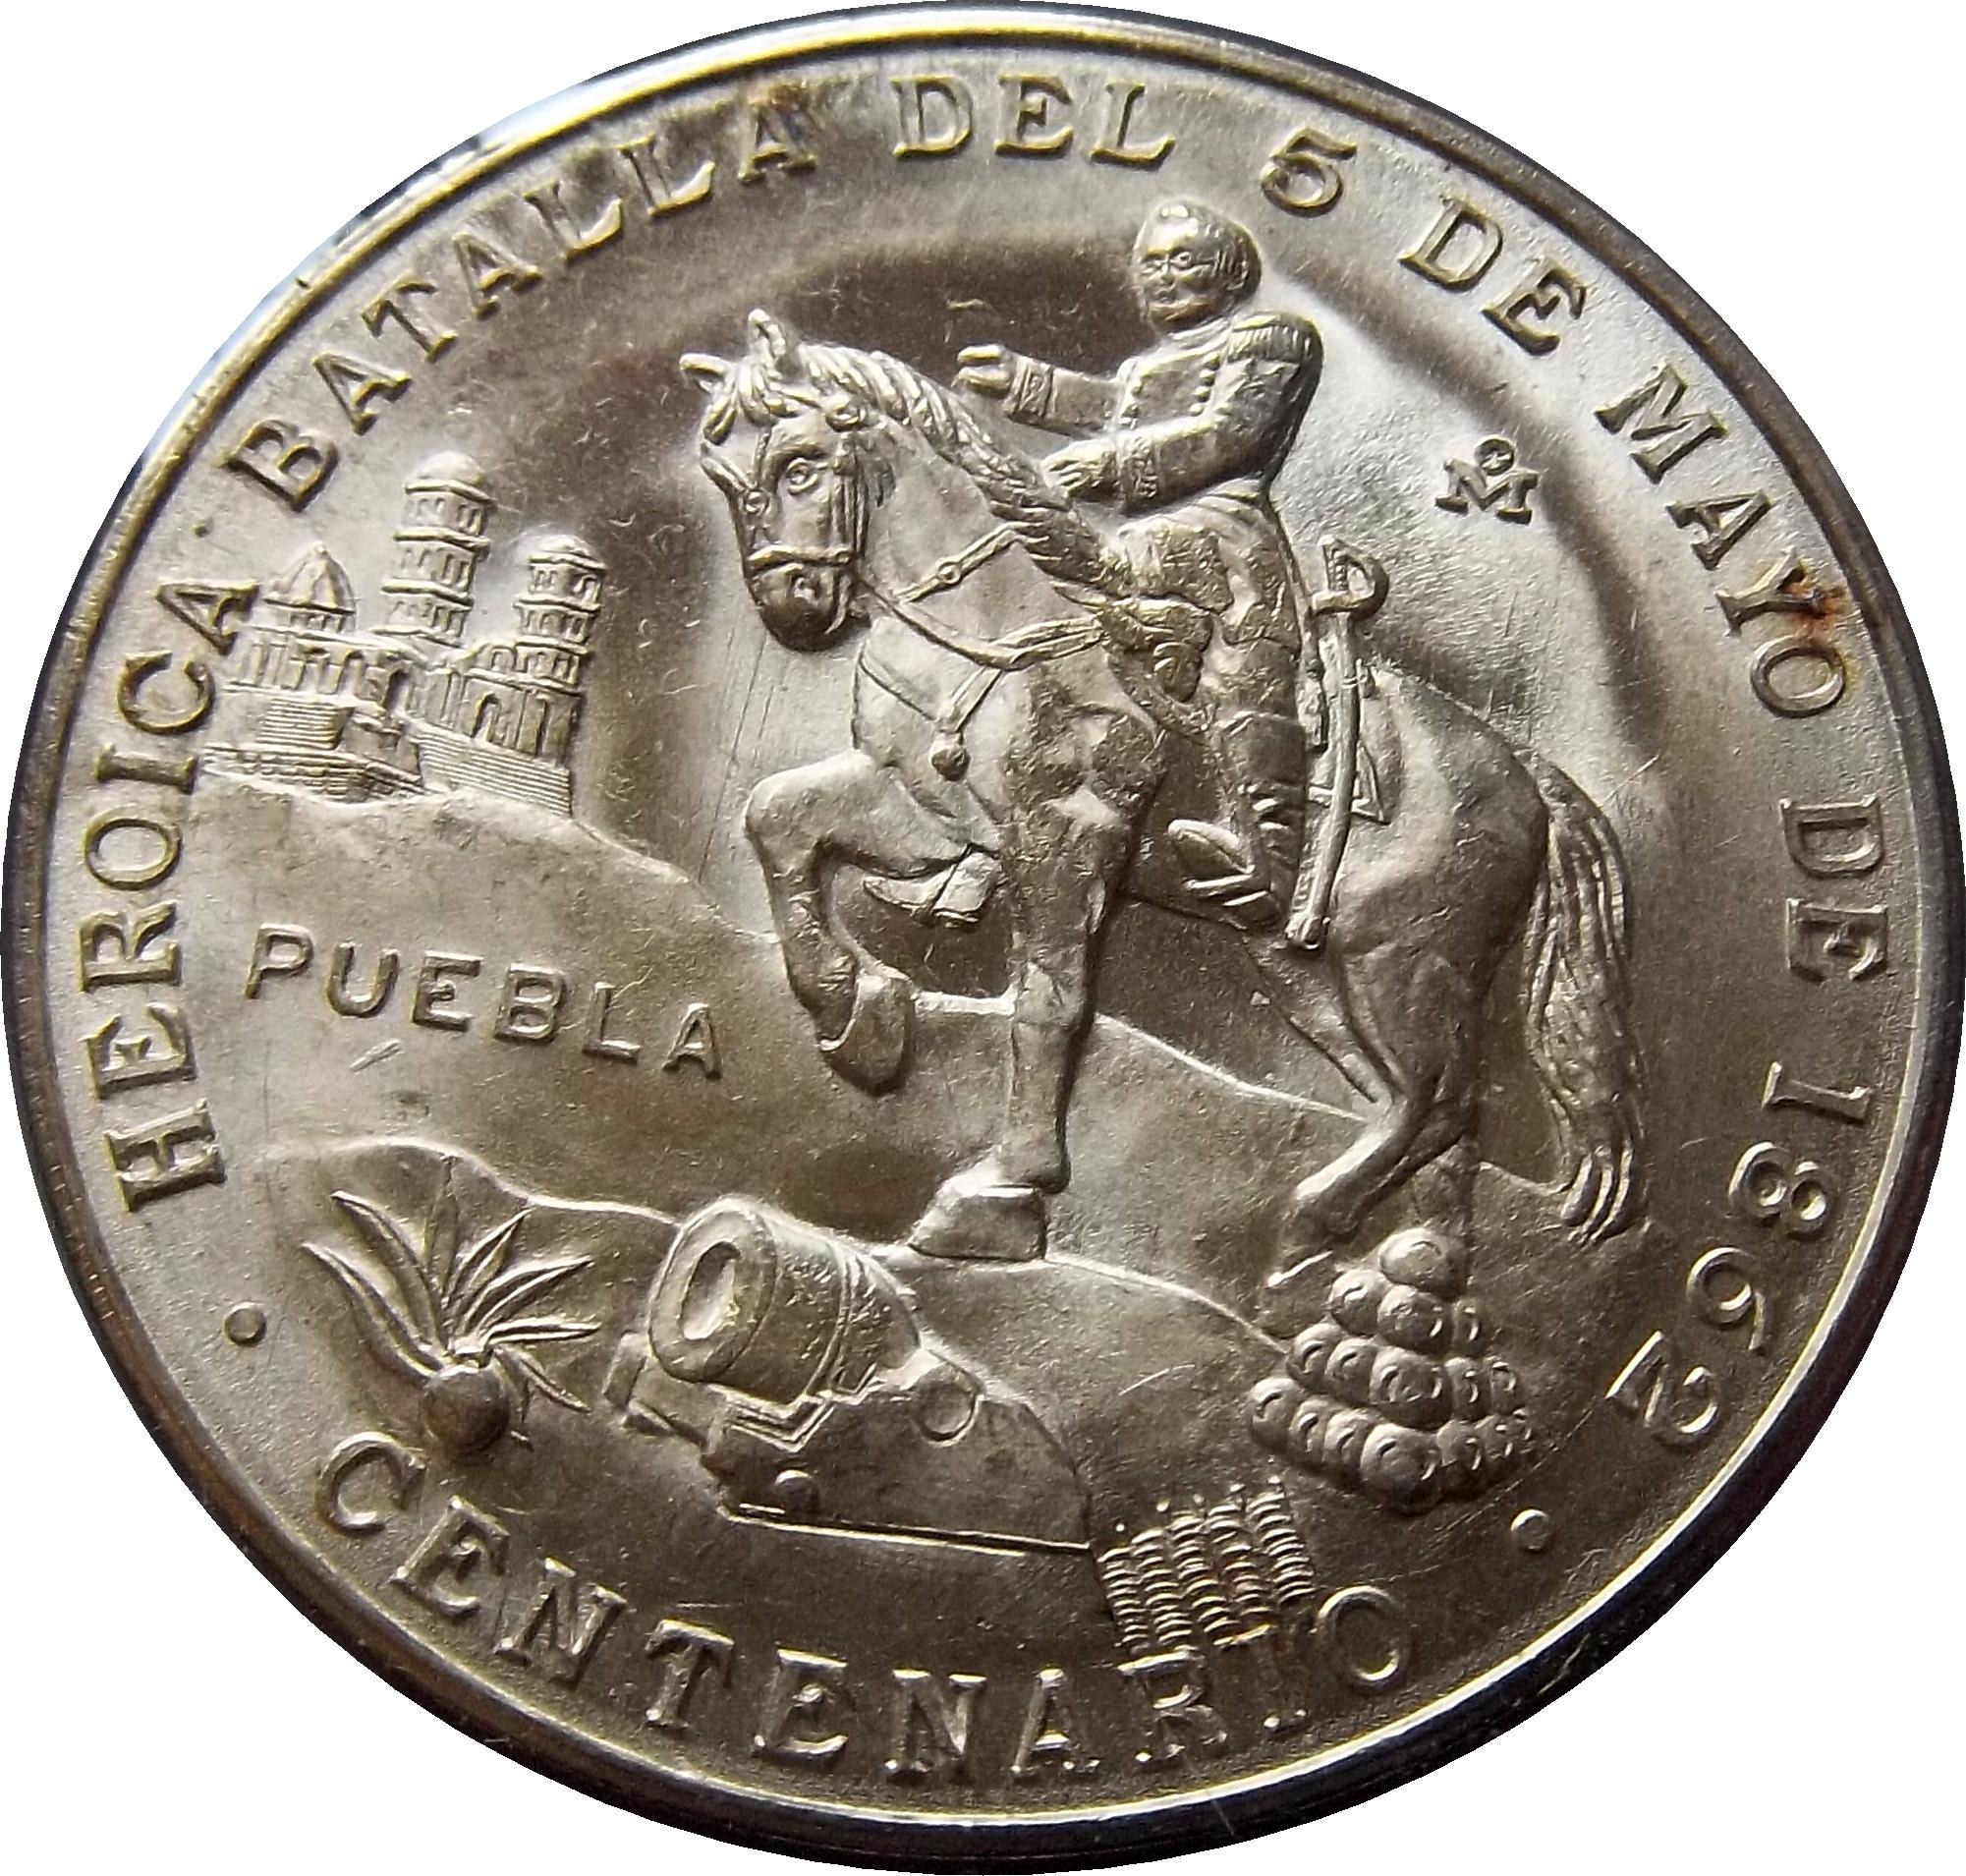 centenario gold coin value